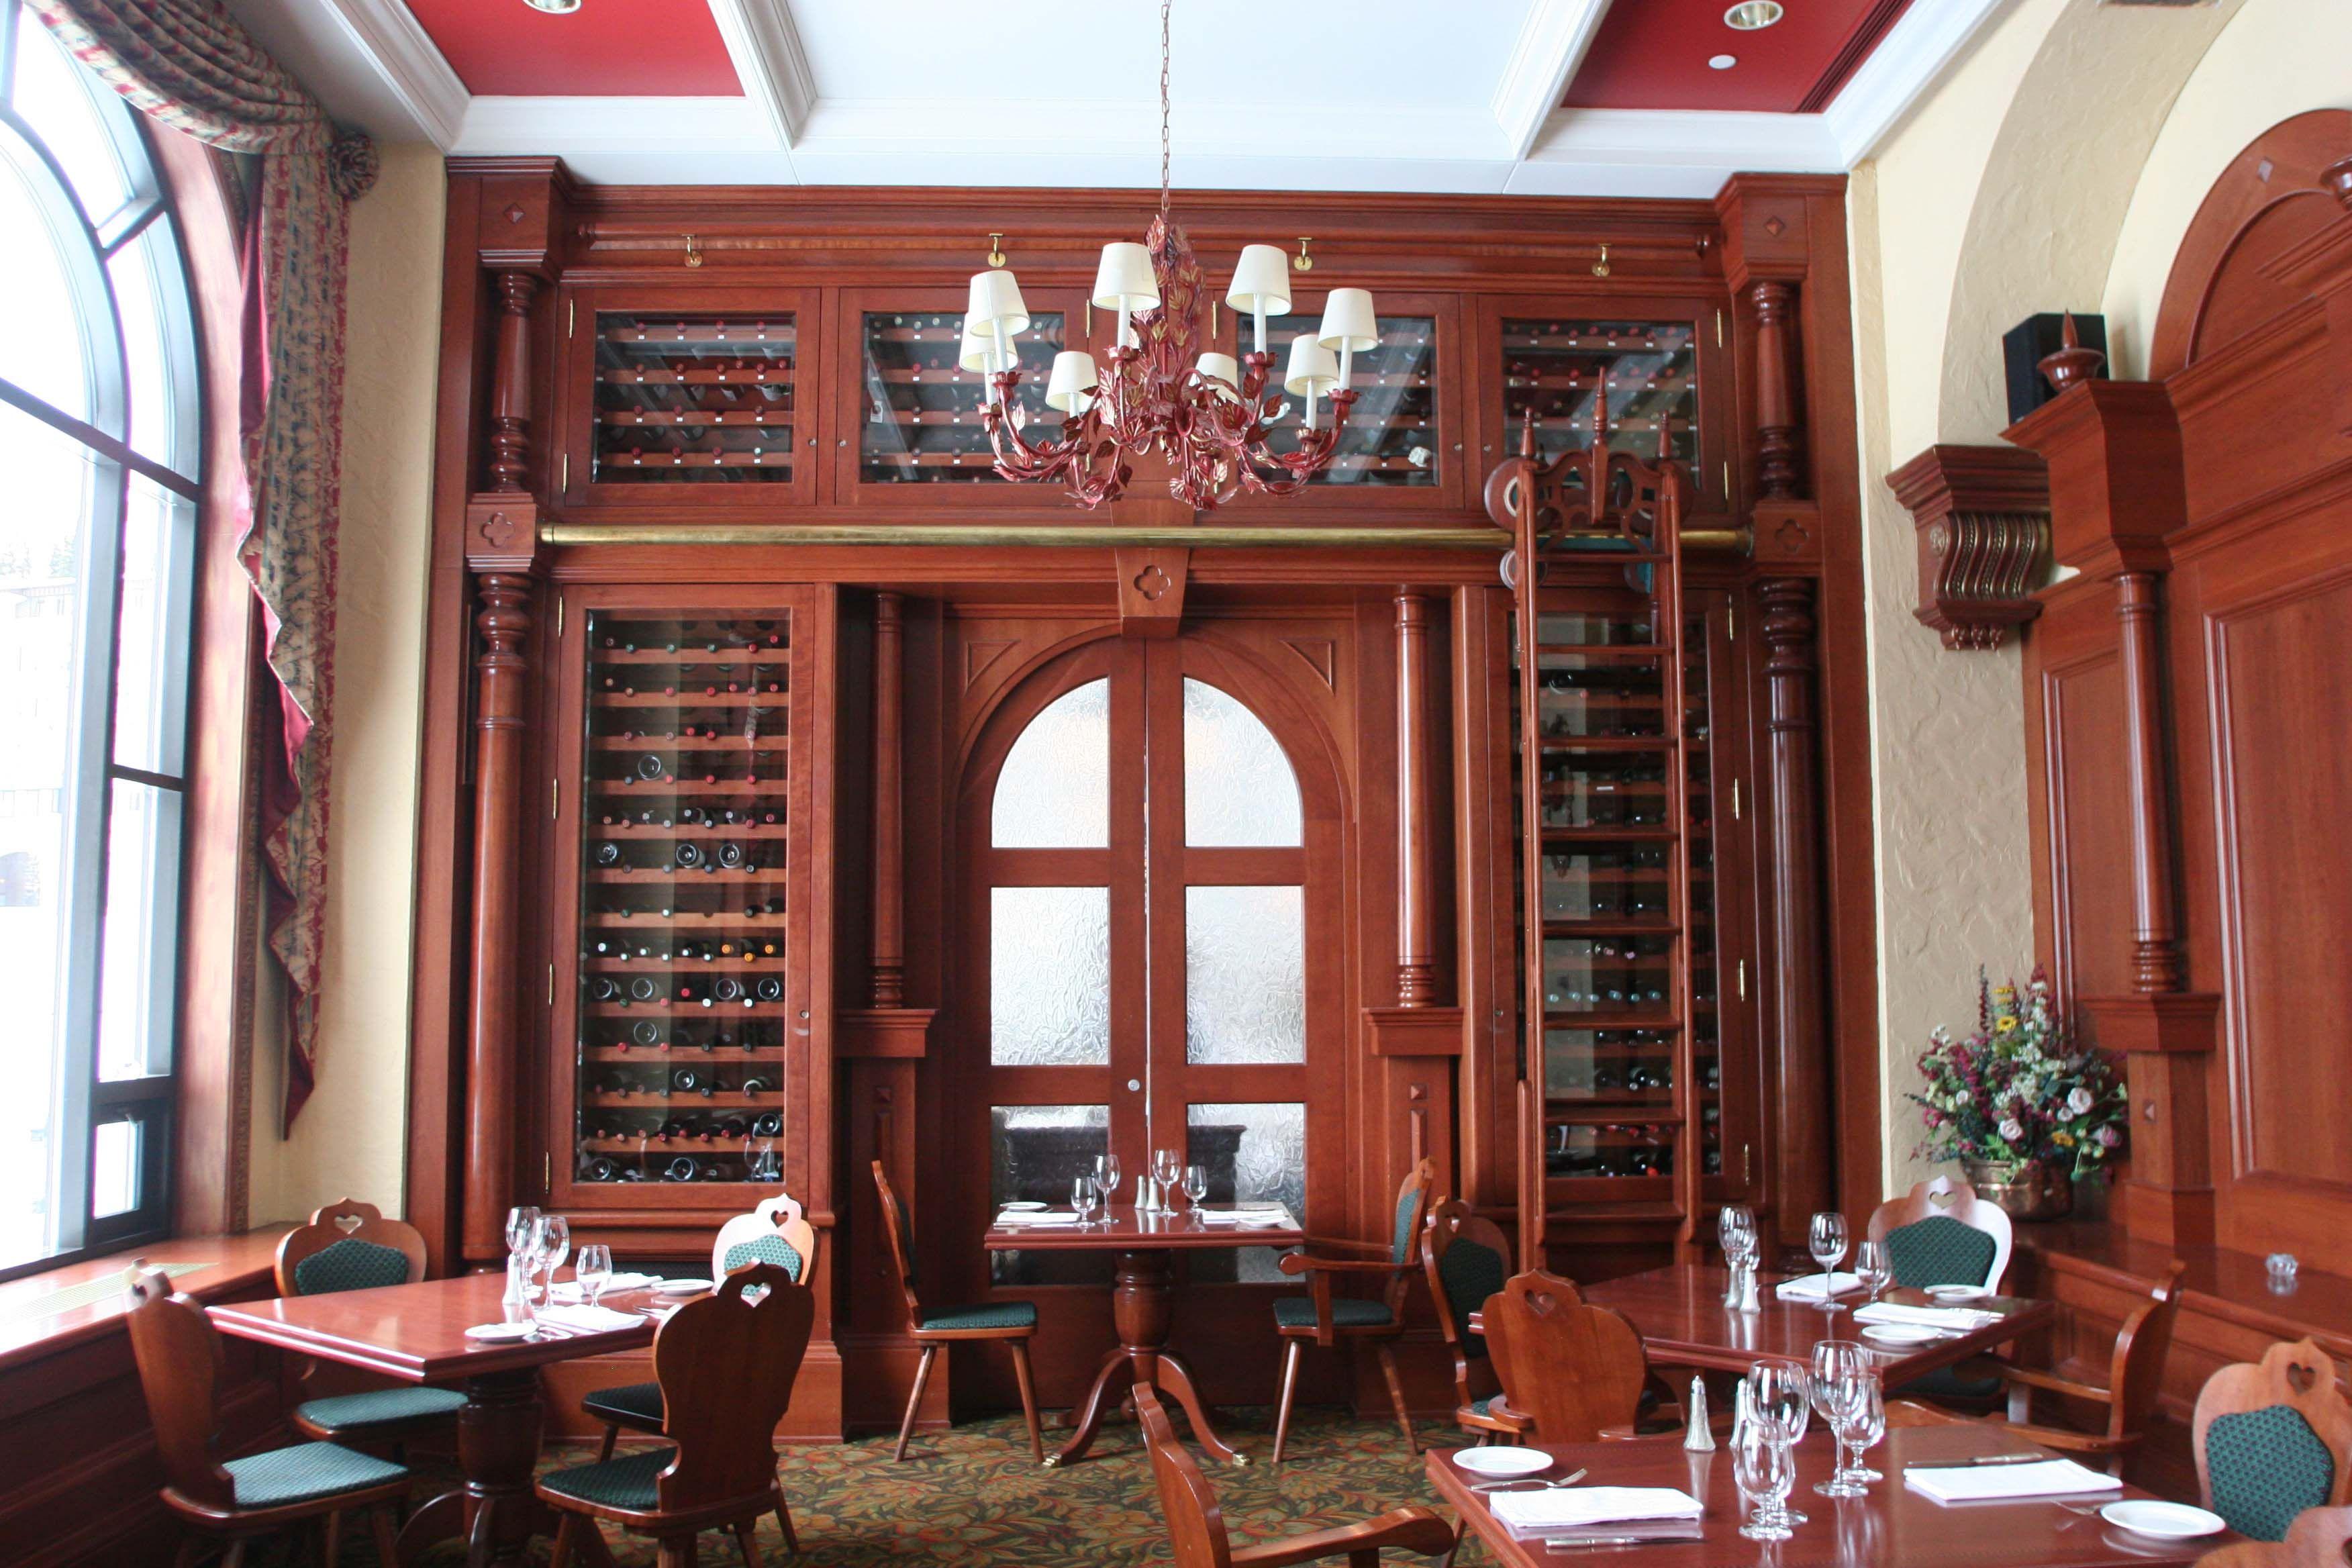 Walliser Stube Fondue Restaurant At The Fairmont Chateau Lake Louise Fairmont Chateau Lake Louise Chateau Lake Louise Fondue Restaurant